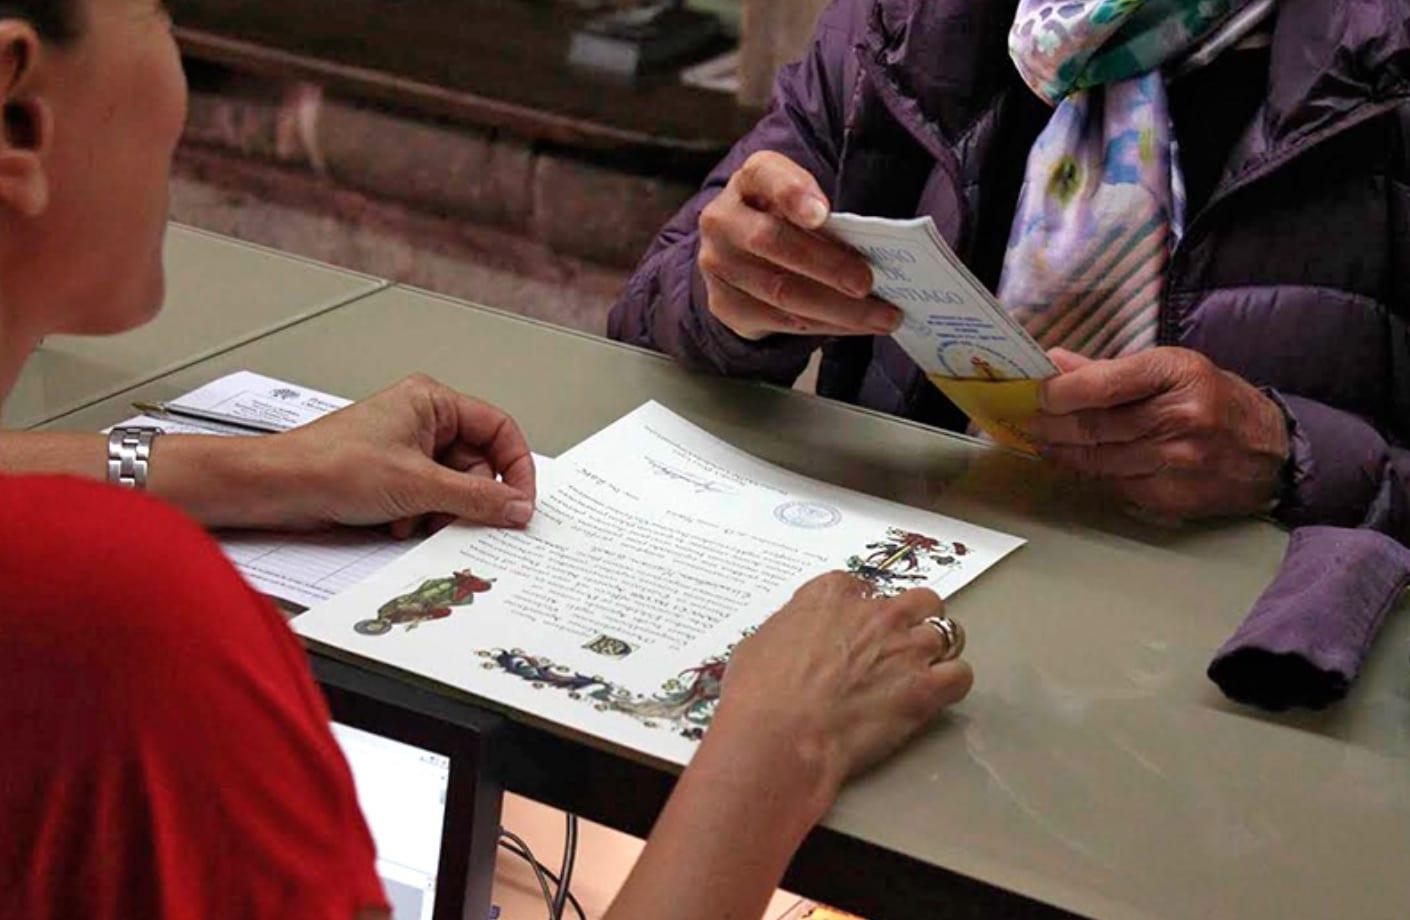 La Compostelana. foto. oficina de acogida al peregrino